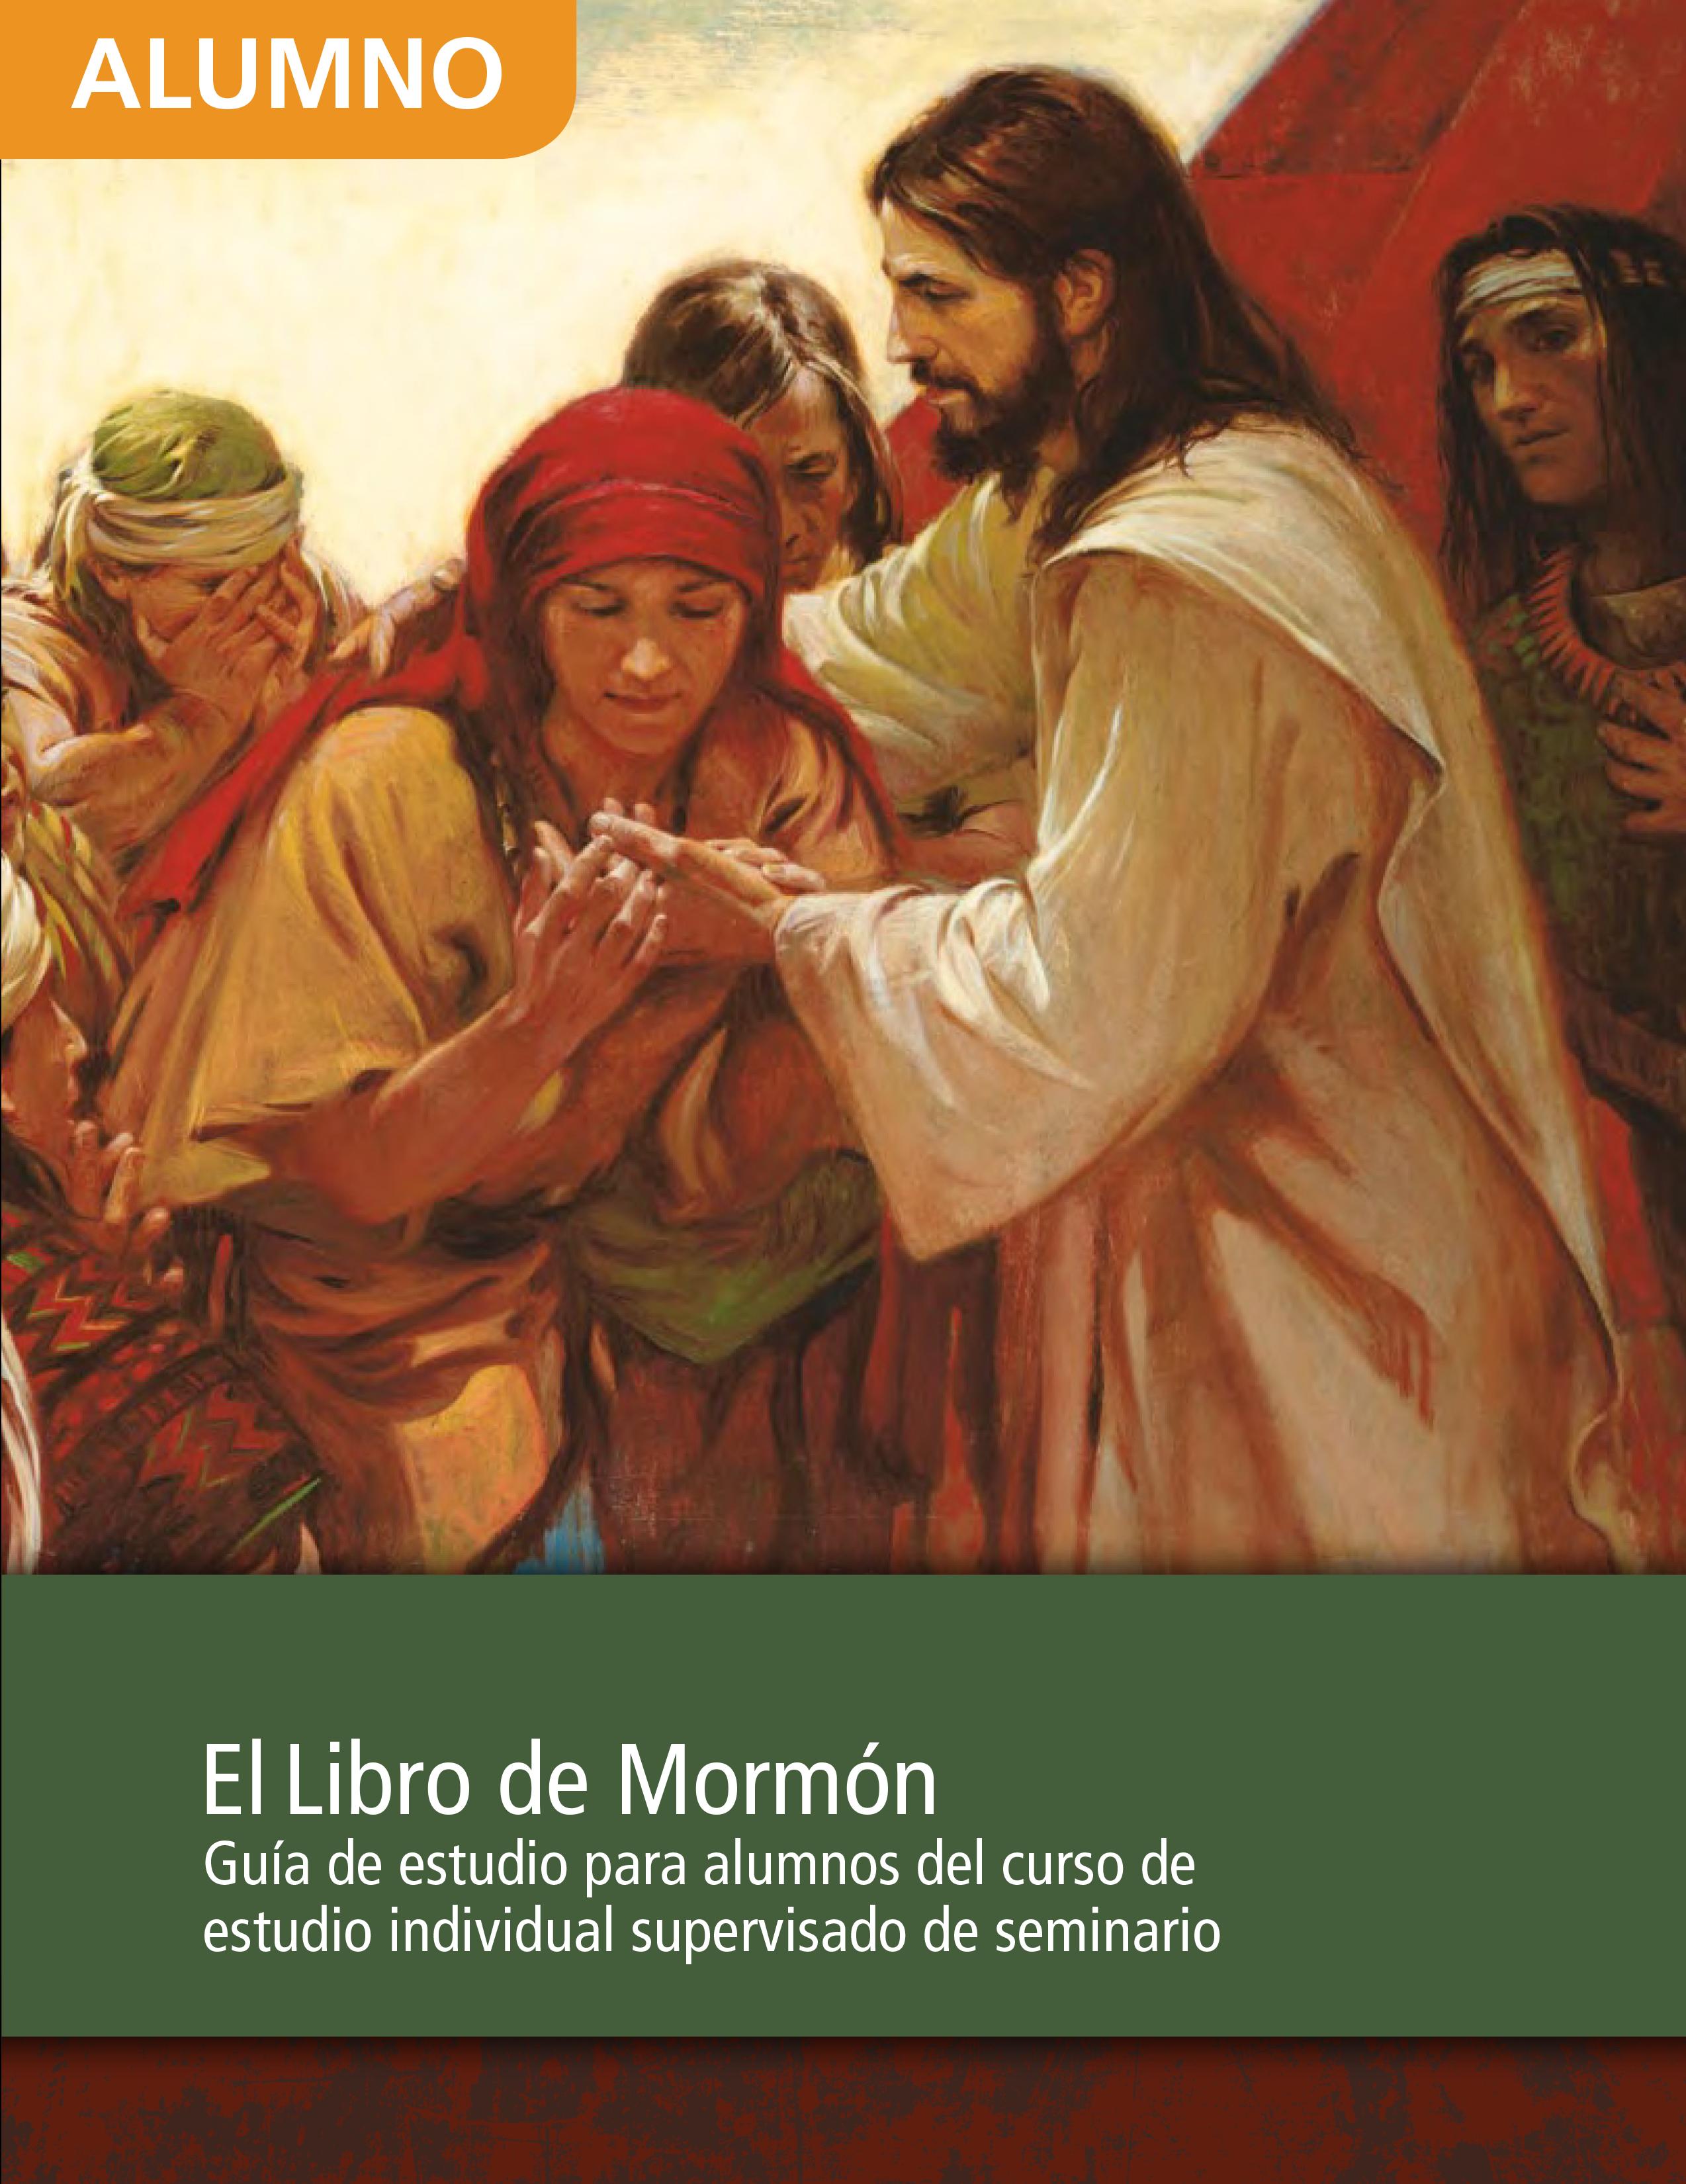 Guía de estudio del Libro de Mormón para alumnos del curso de estudio individual supervisado de Seminario